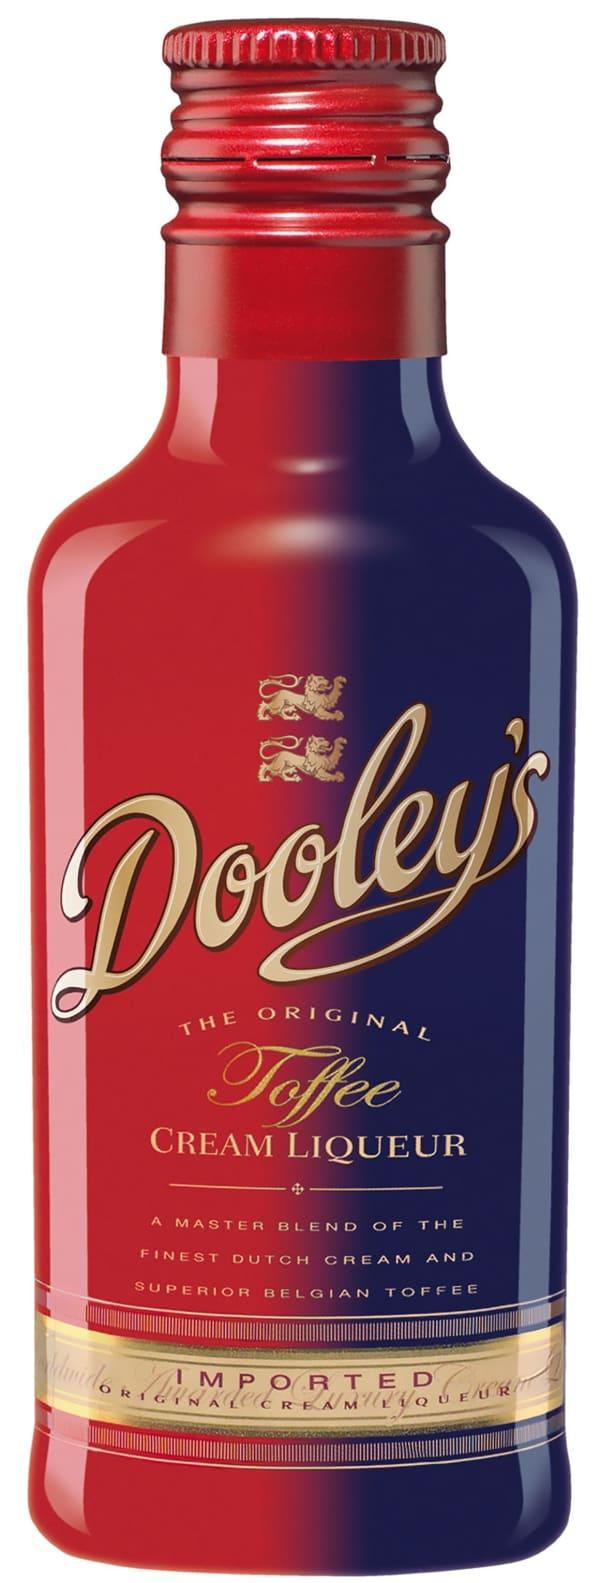 Dooley's Original Toffee plastflaska